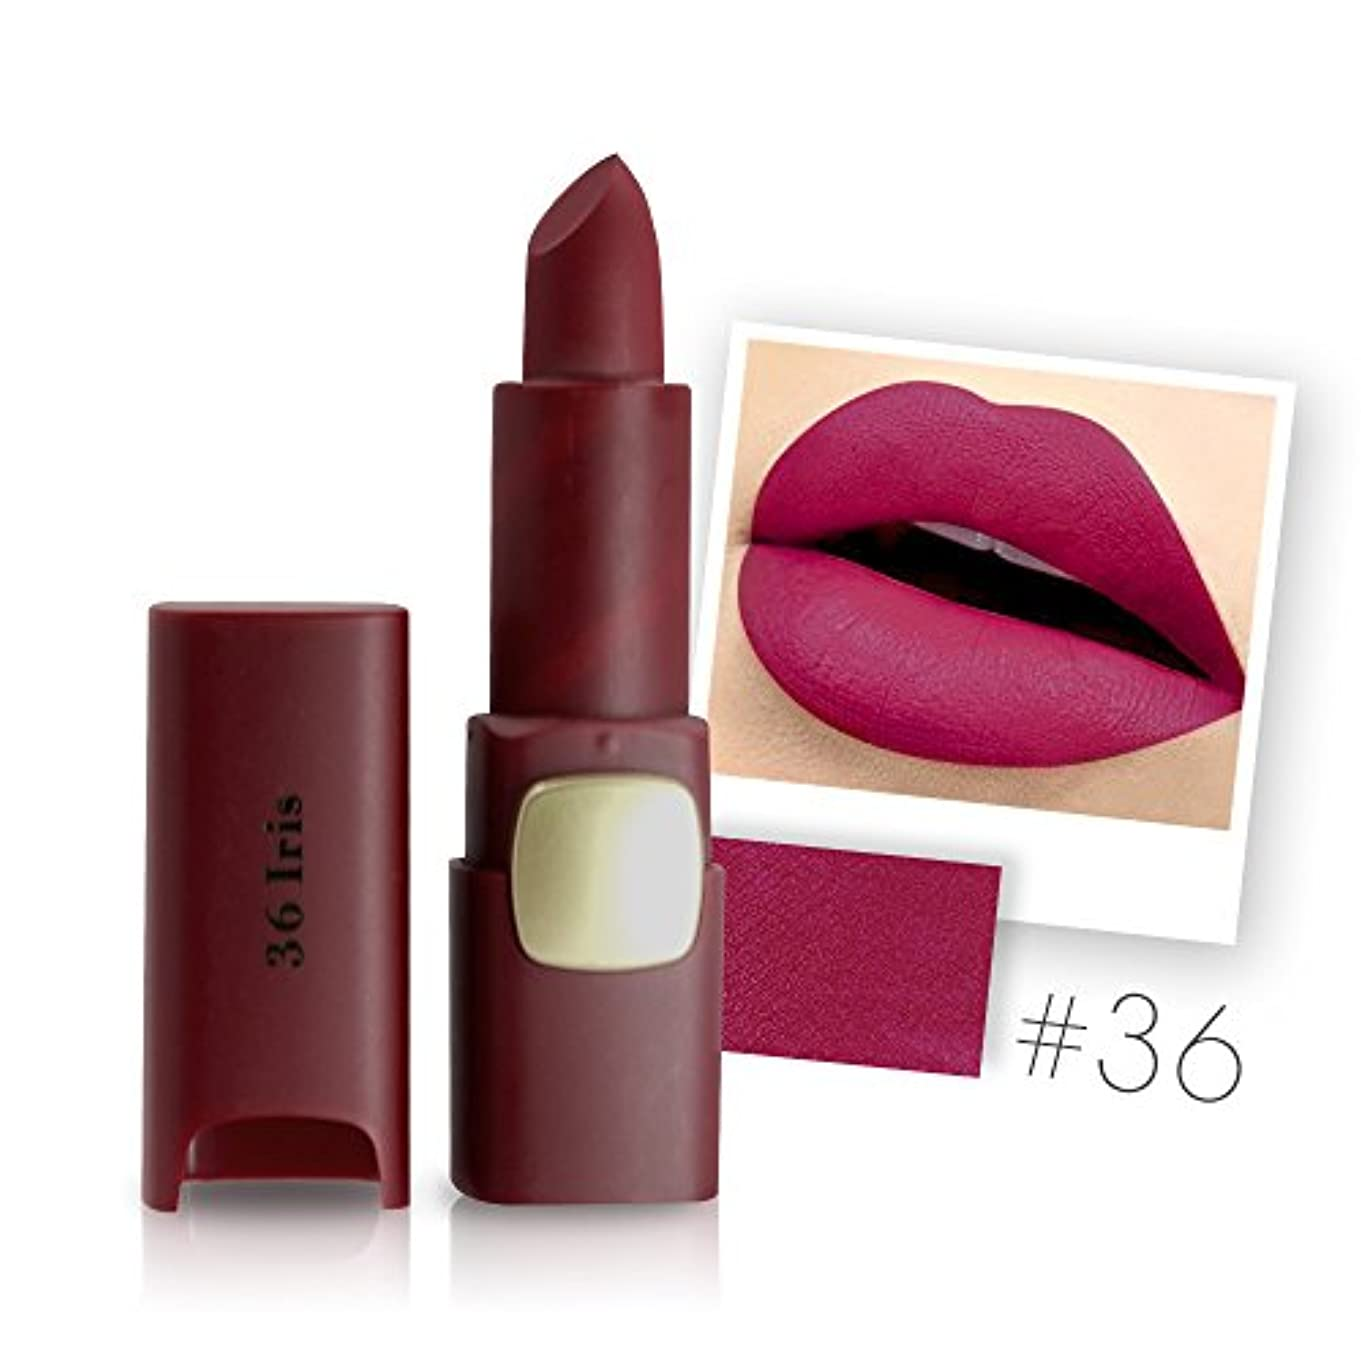 ジョグ回復バルクMiss Rose Brand Matte Lipstick Waterproof Lips Moisturizing Easy To Wear Makeup Lip Sticks Gloss Lipsticks Cosmetic